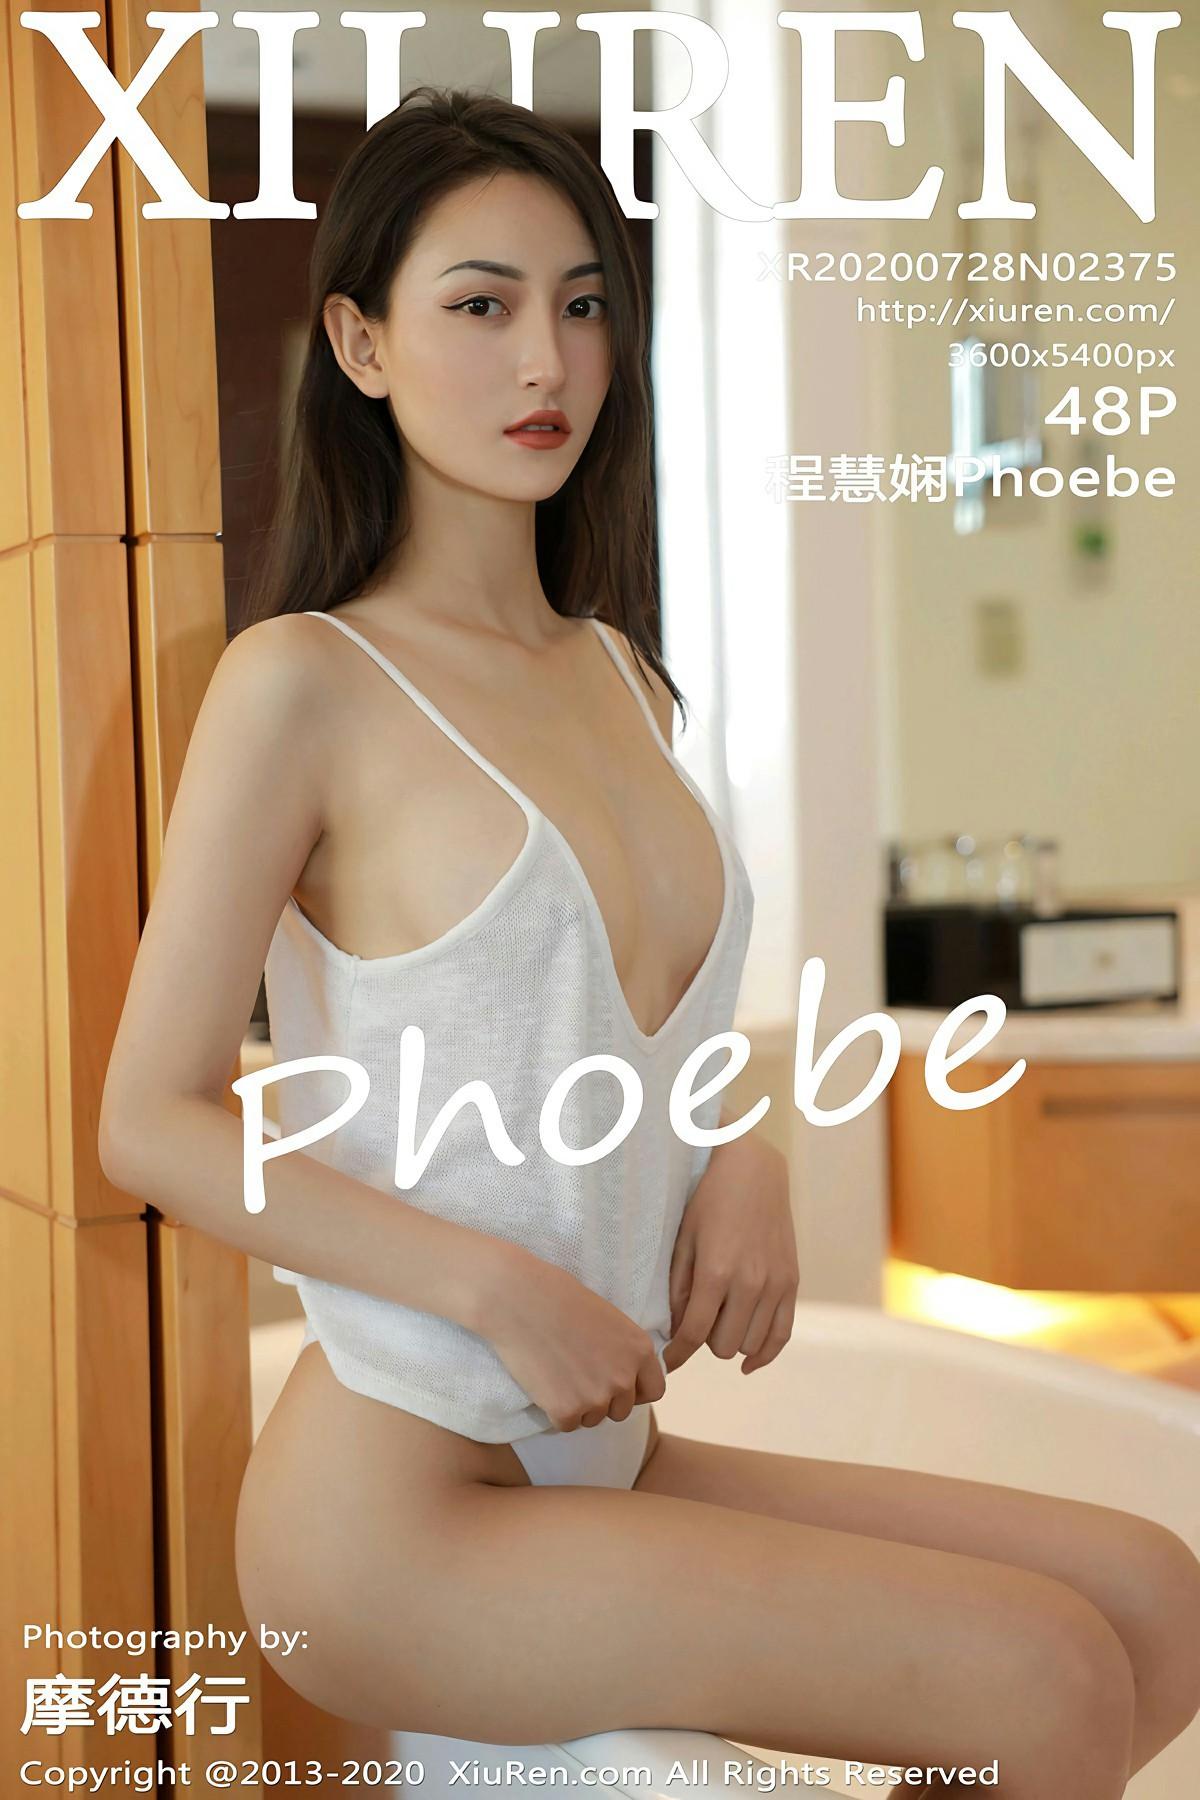 [XiuRen秀人网] 2020.07.28 No.2375 程慧娴Phoebe 第1张